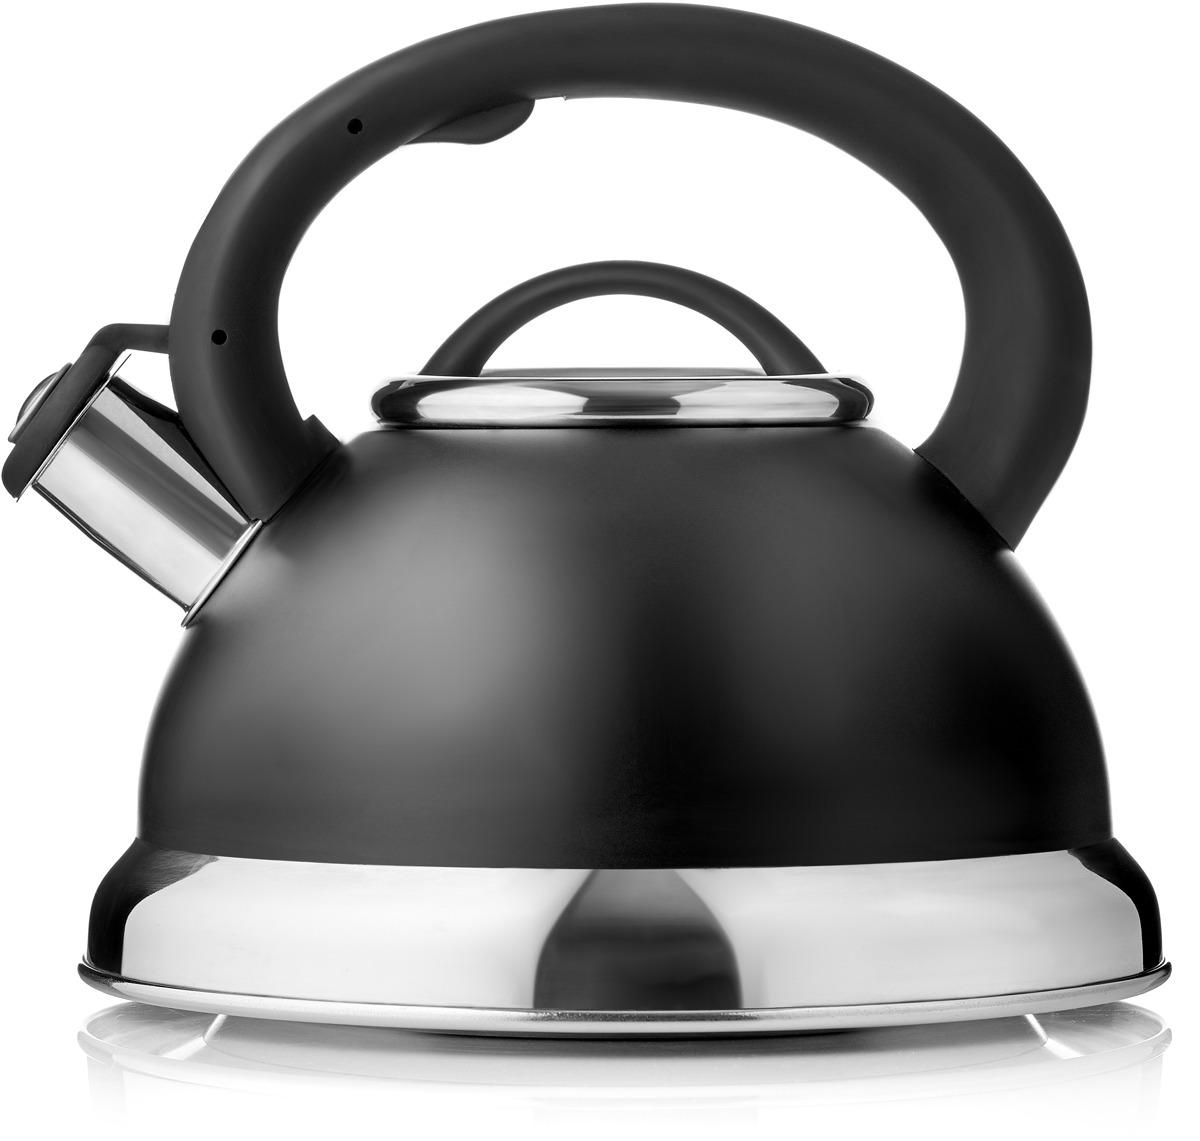 Чайник Esprado Onix, цвет: черный, 2,2 л